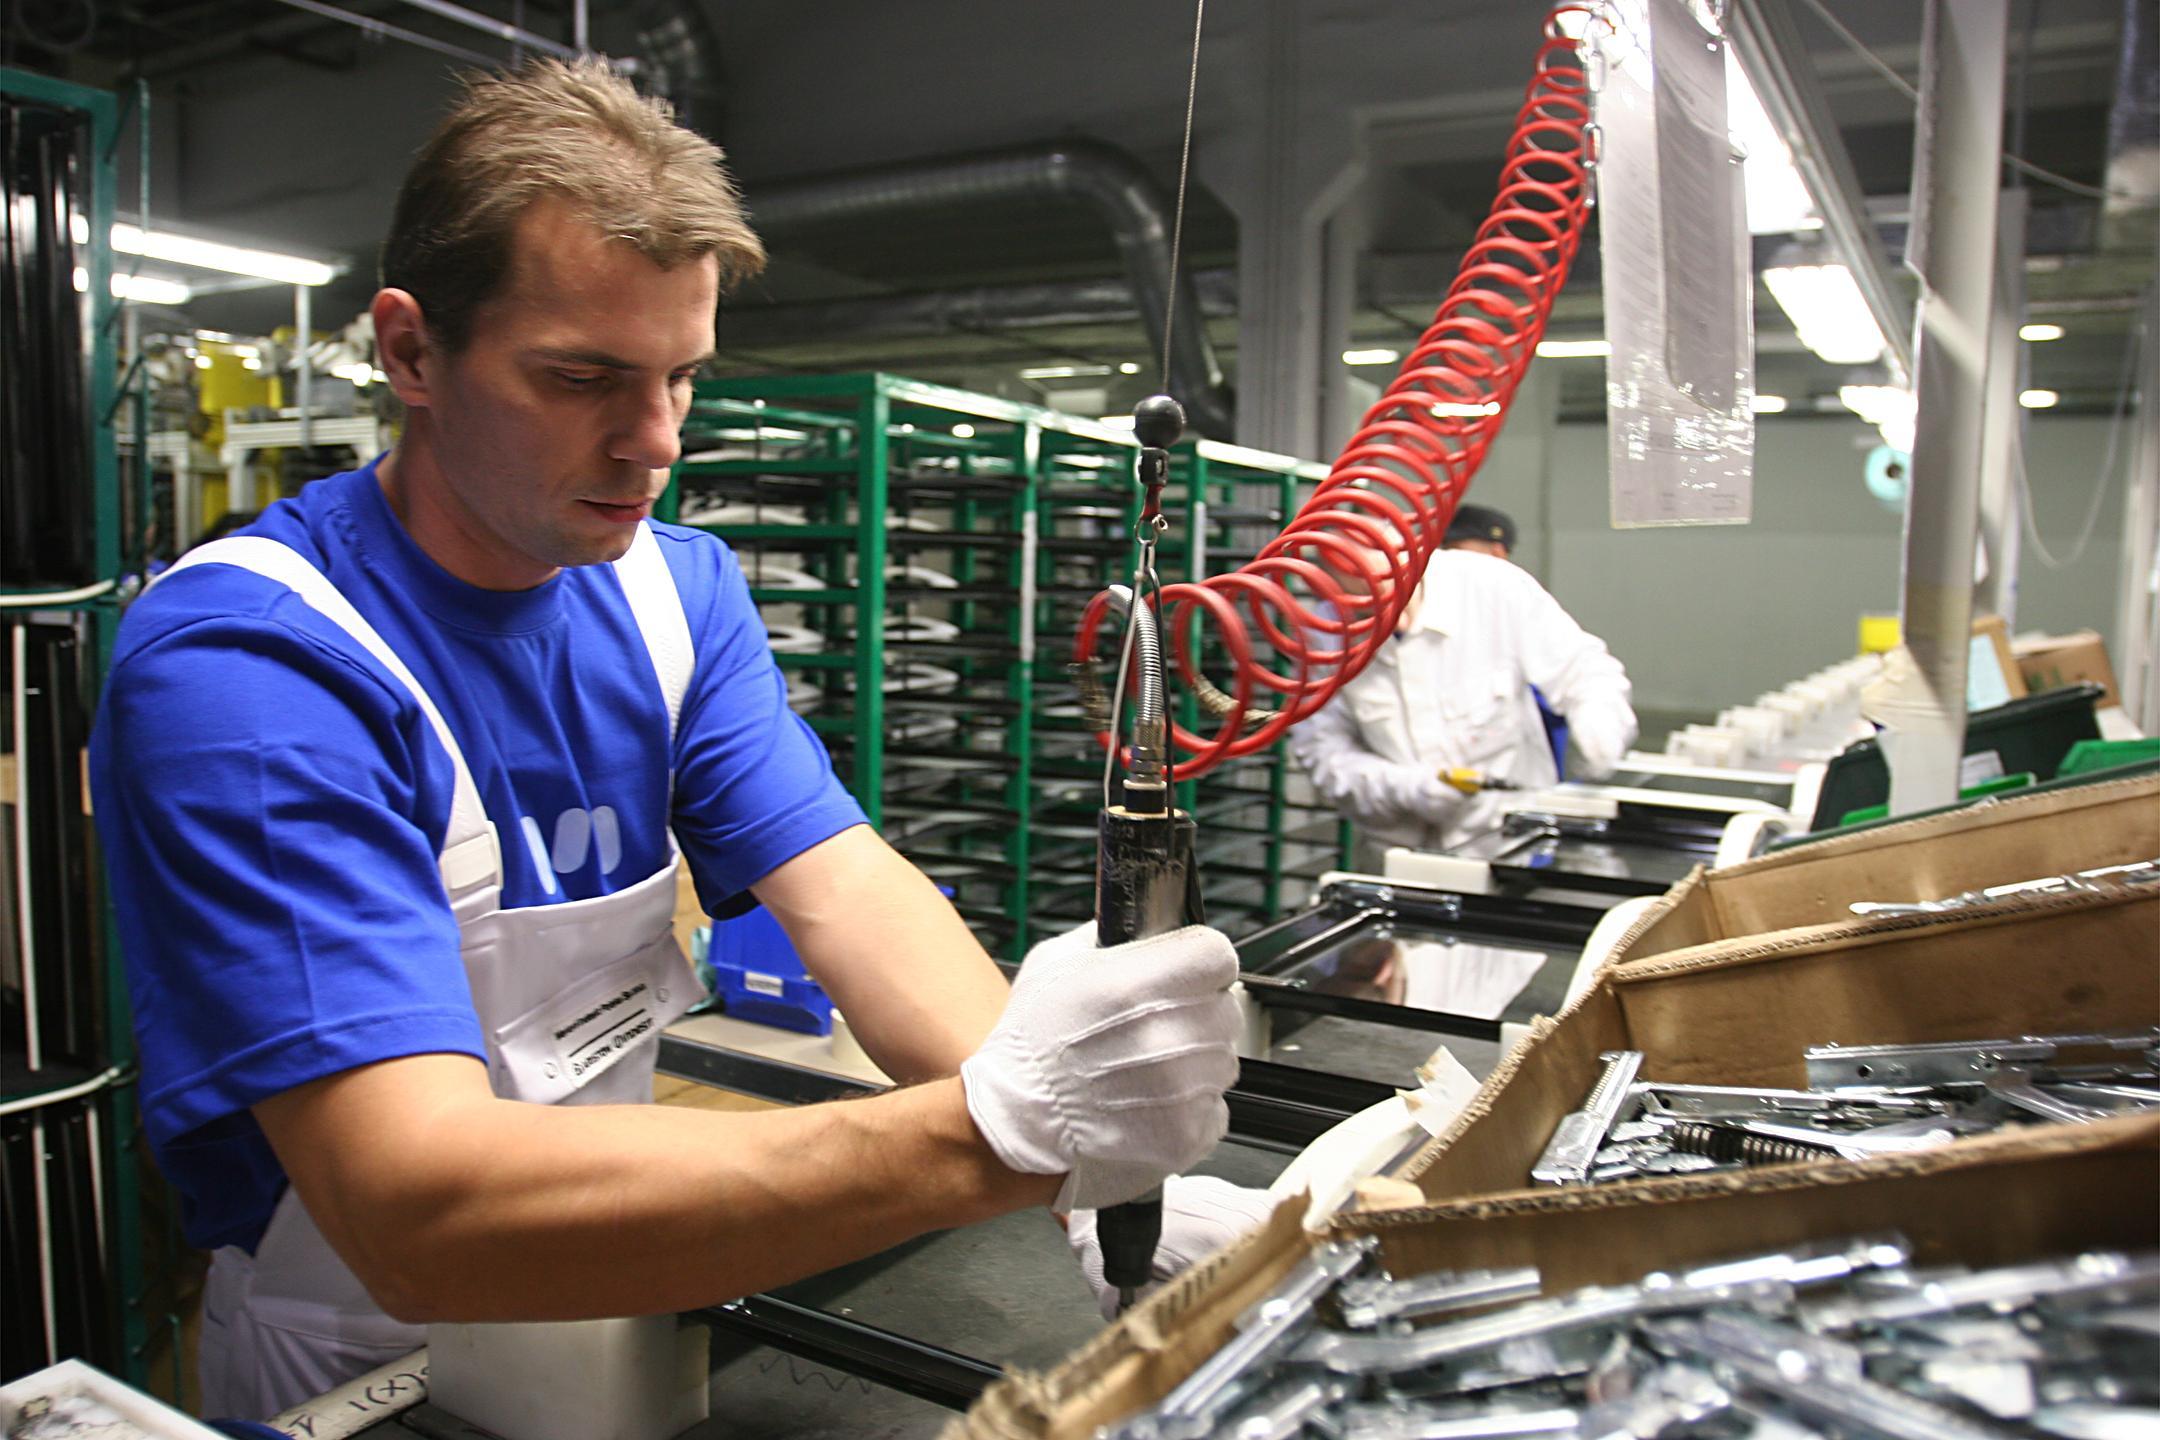 L'export manifatturiero trainato da piccole e micro imprese